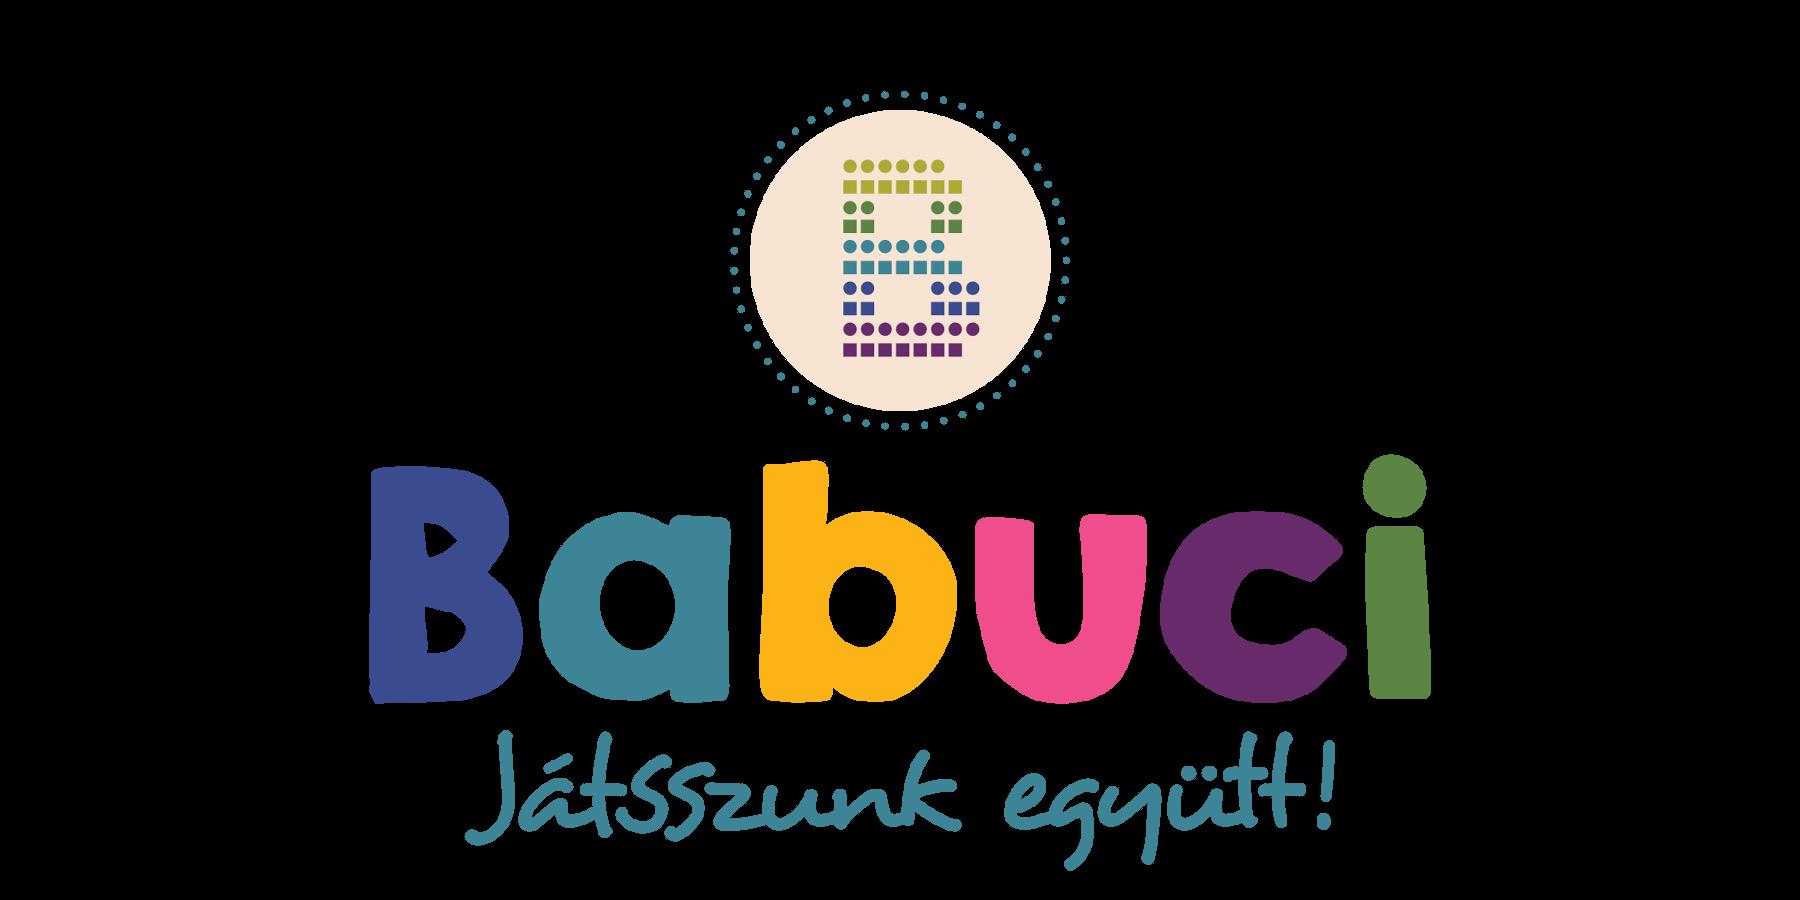 Babuci - Játsszunk együtt! A fejlesztő kiadvány gyermekeknek.